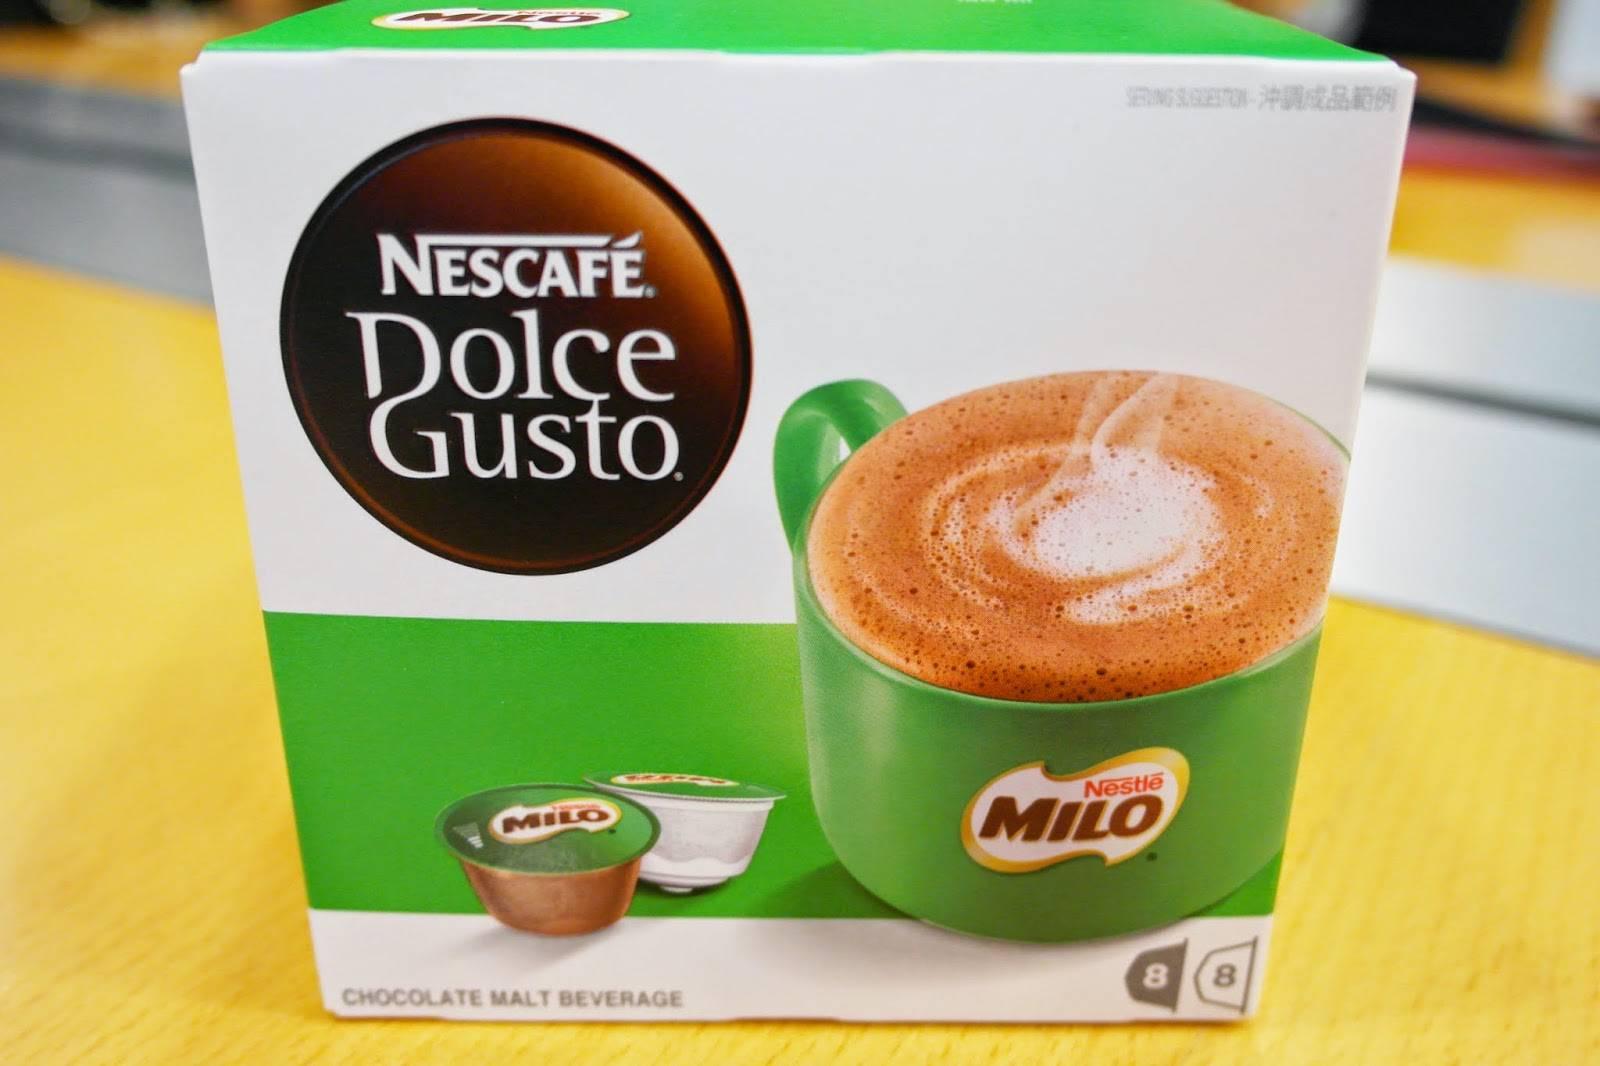 Утро — доброе? росконтроль проверил растворимый кофе